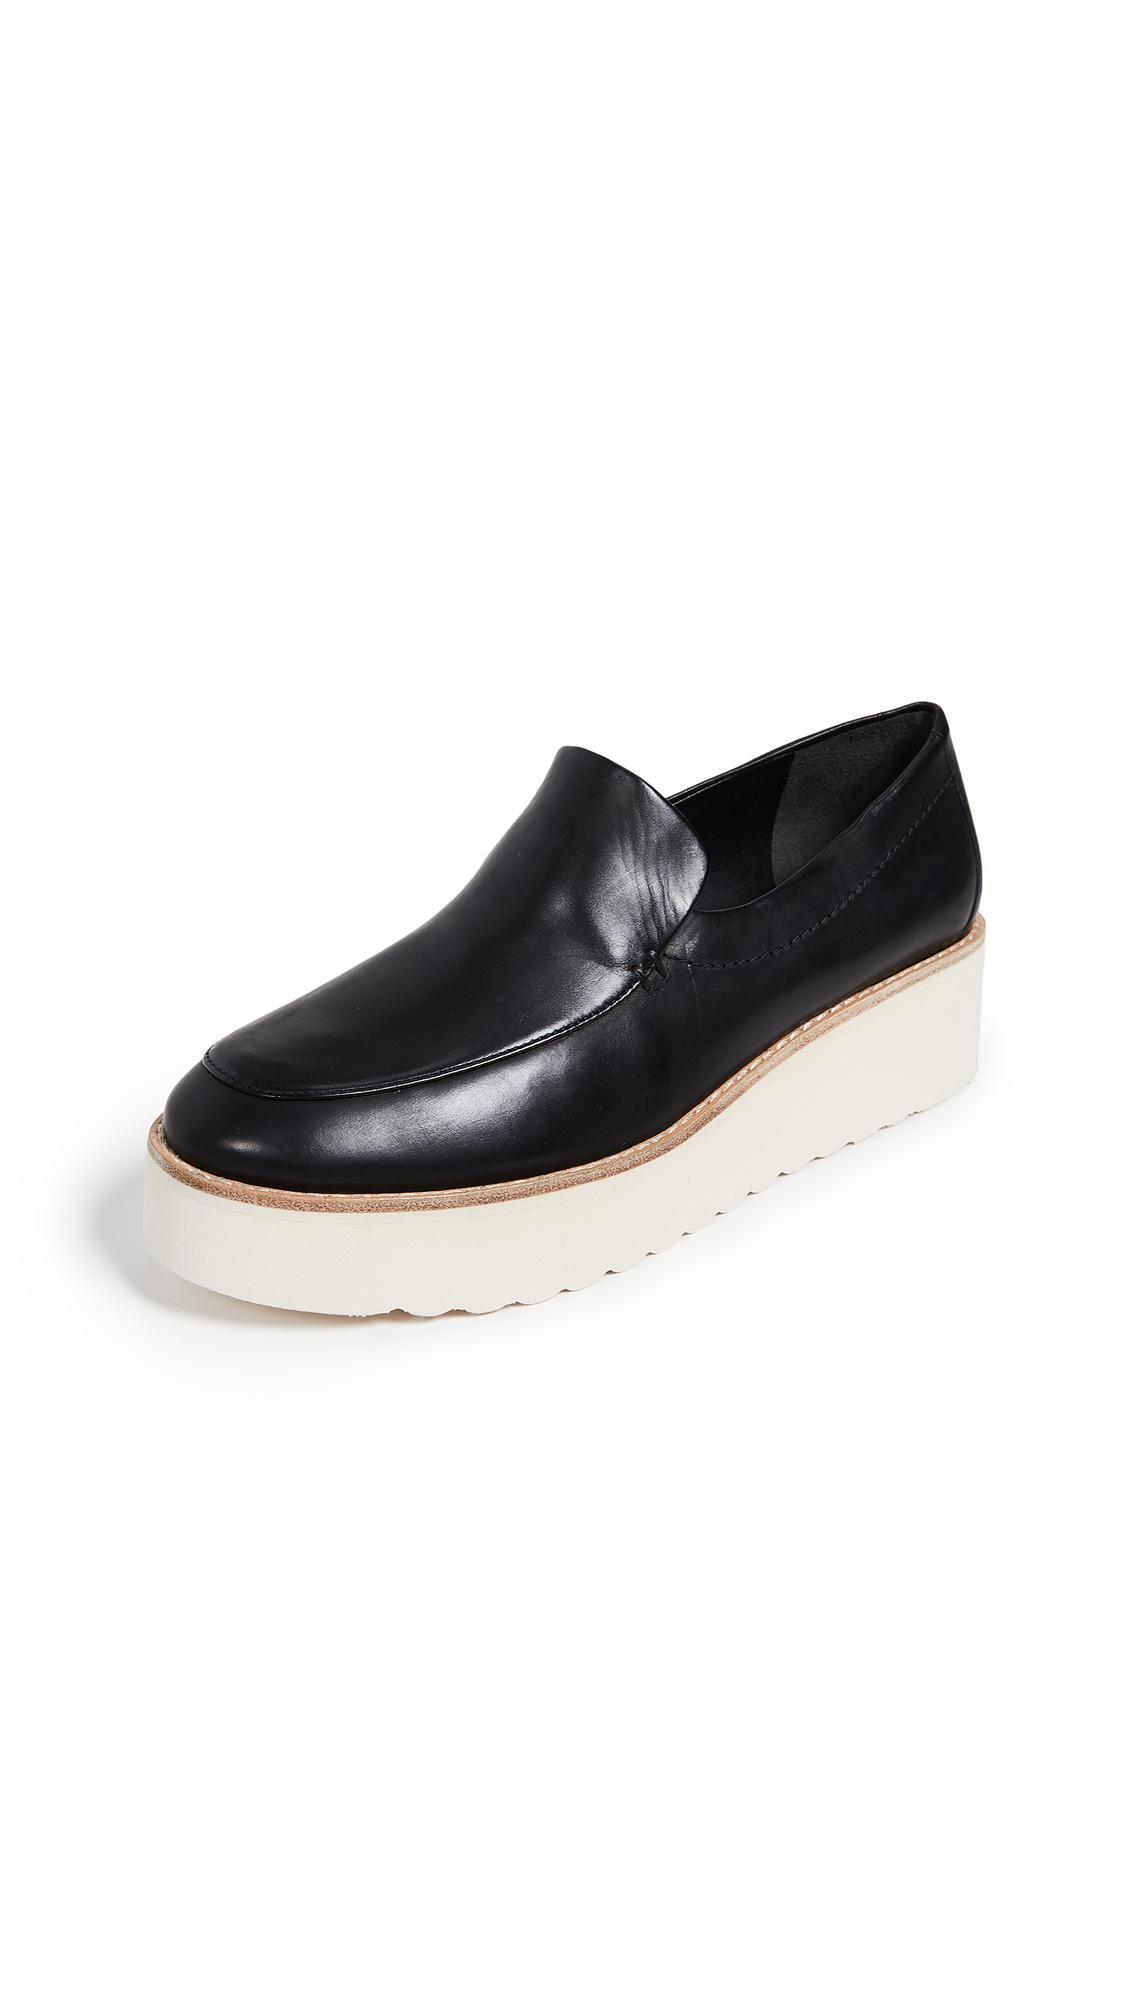 Vince Zeta Platform Loafers